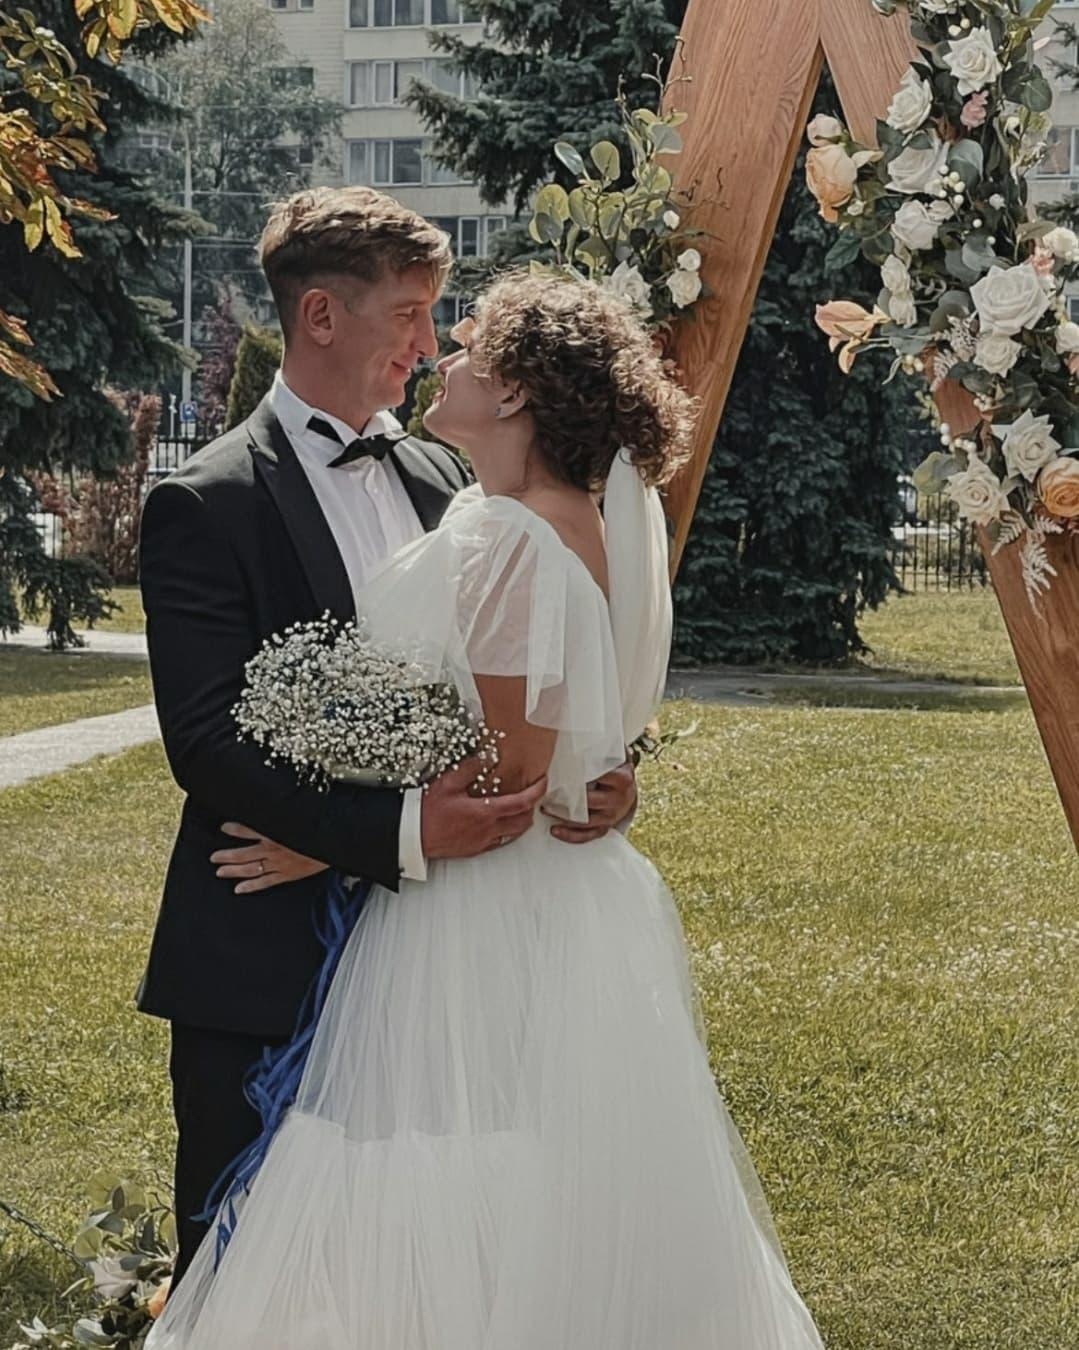 Популярные украинские актеры Дмитрий Сова и Даша Легейда поженились - фото №2